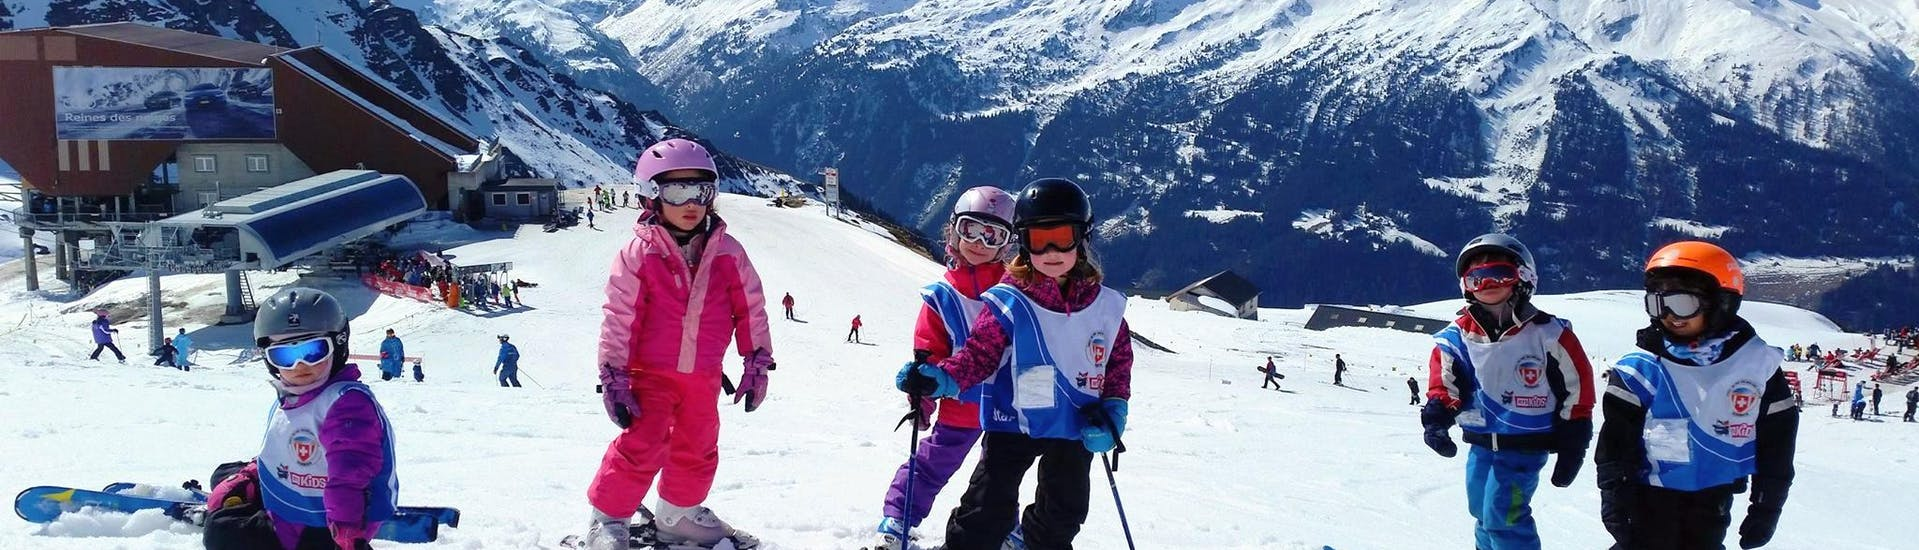 kids-ski-lessons-6-13-years-ess-verbier-hero